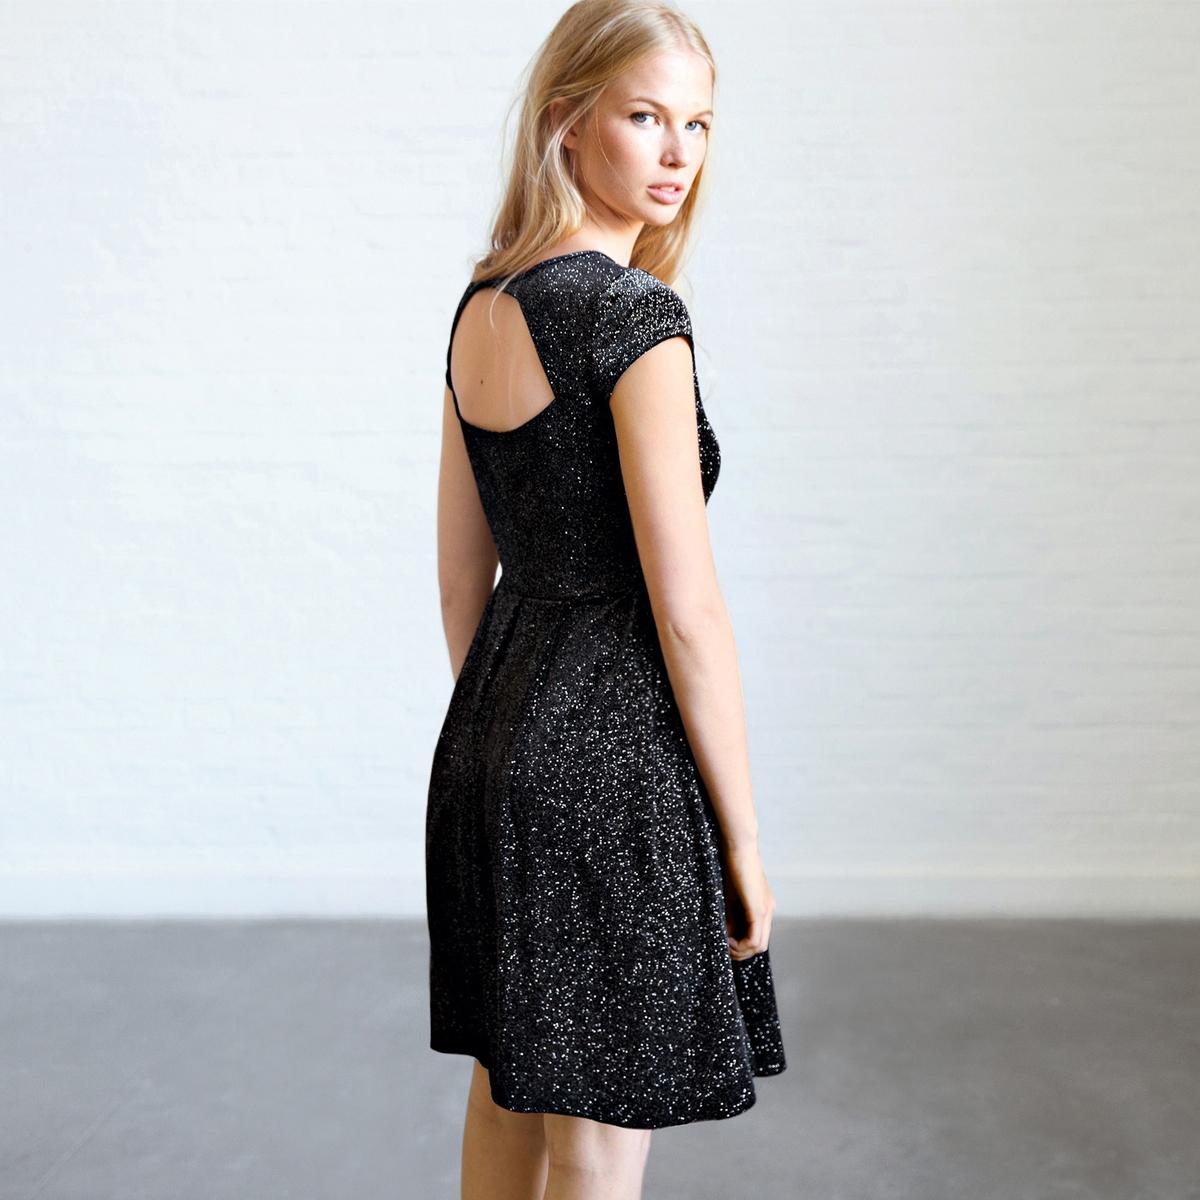 Платье трикотажное с короткими рукавамиПлатье трикотажное, 100% полиэстера. Эффект расшитой блестками ткани. Короткие рукава. Декольте причудливой формы на спинке. Встречные складки на юбке спереди и сзади. Длина 92 см.<br><br>Цвет: черный<br>Размер: 40 (FR) - 46 (RUS).34 (FR) - 40 (RUS)